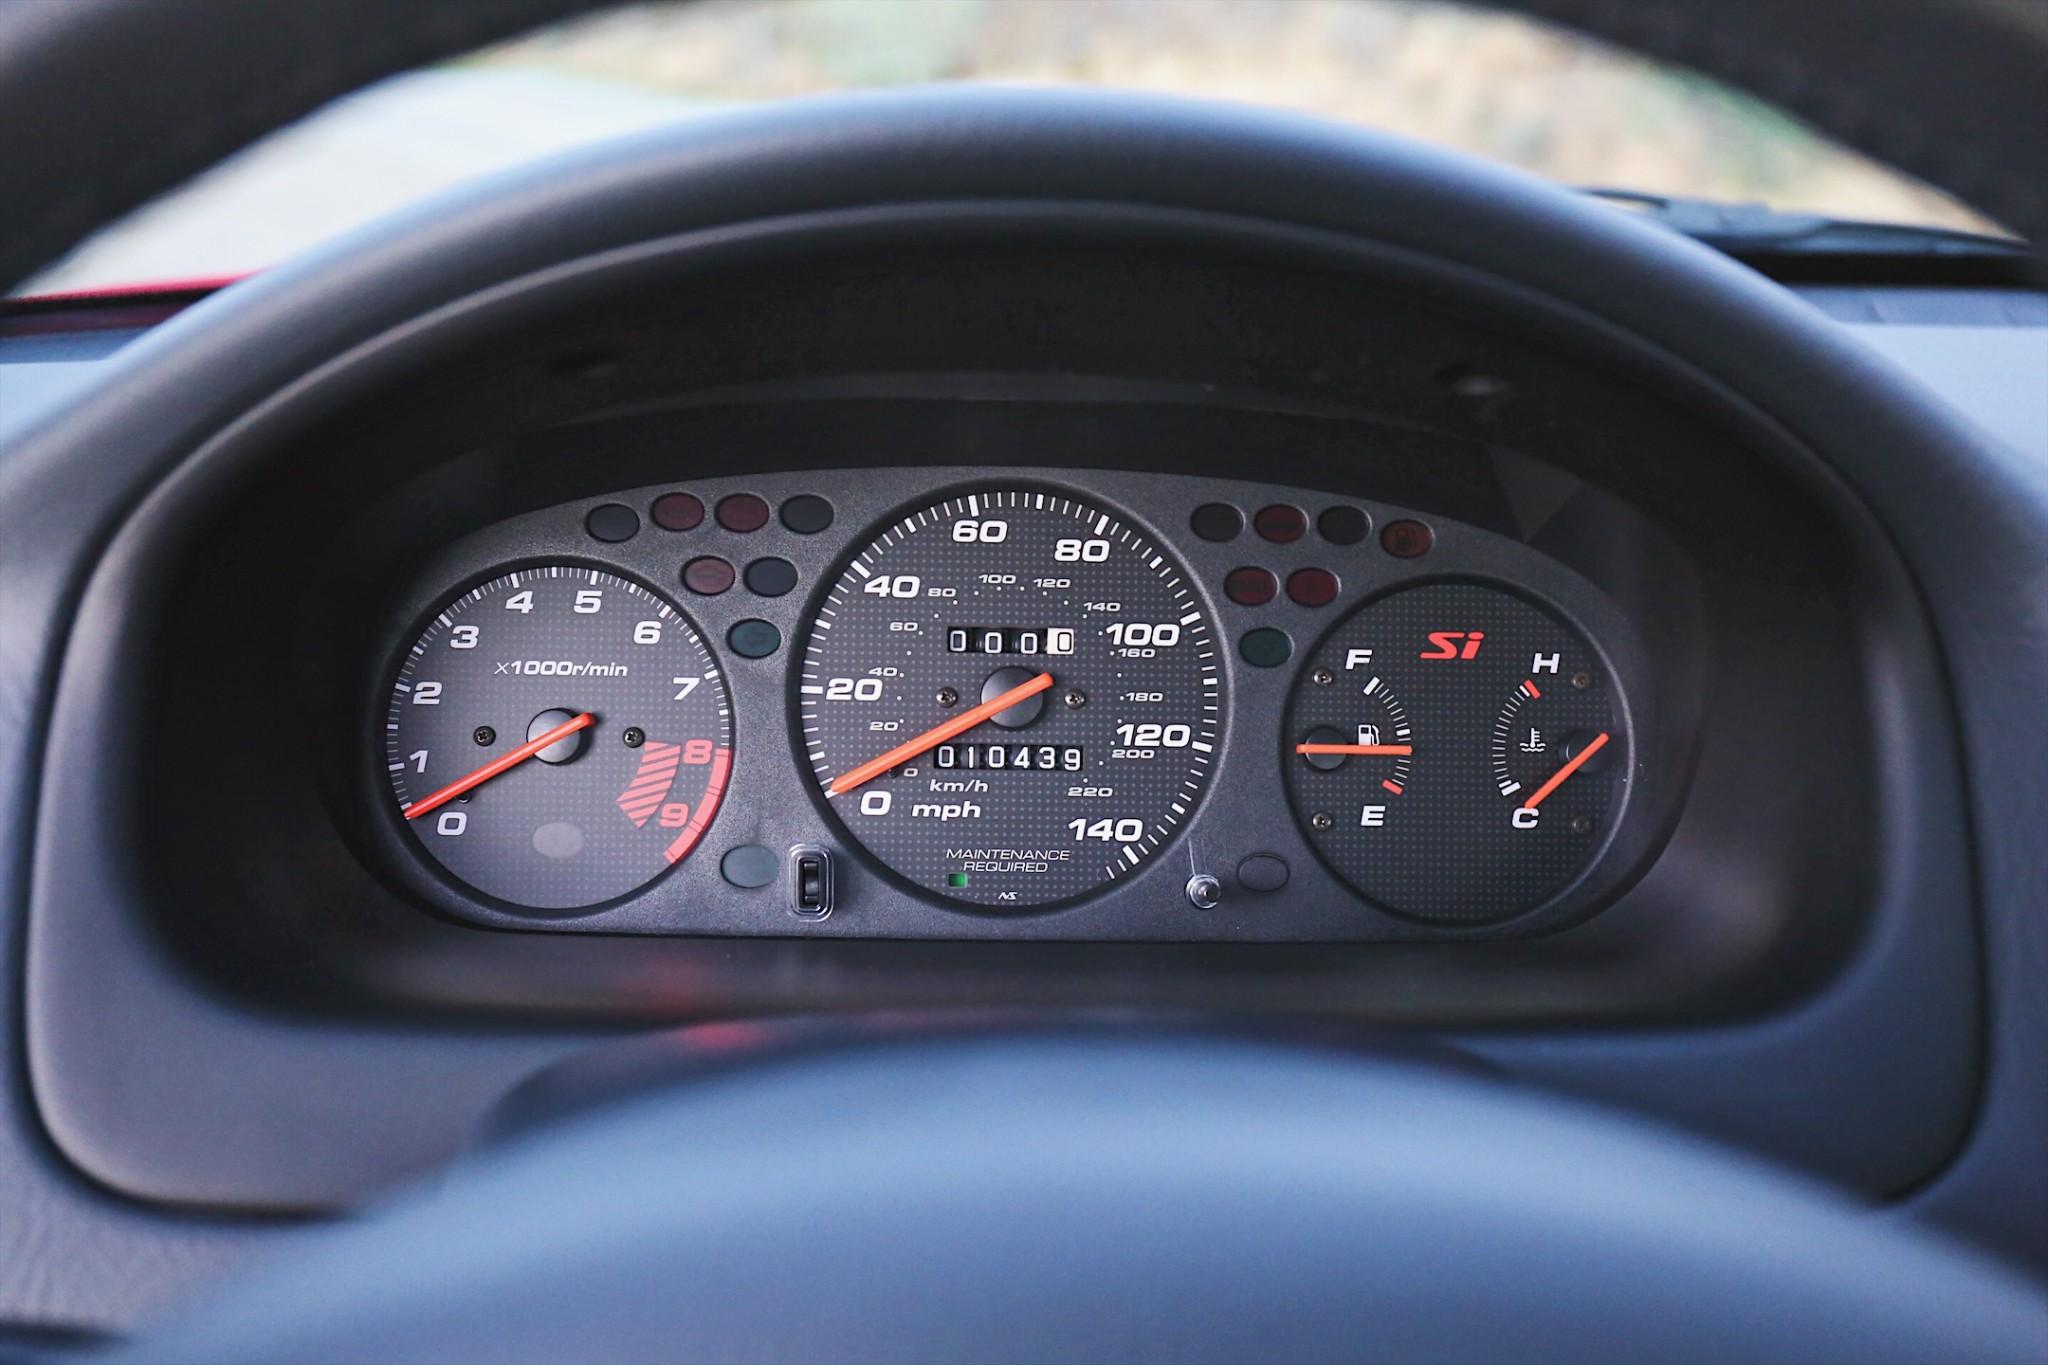 2000 Honda Civic Si gauge cluster